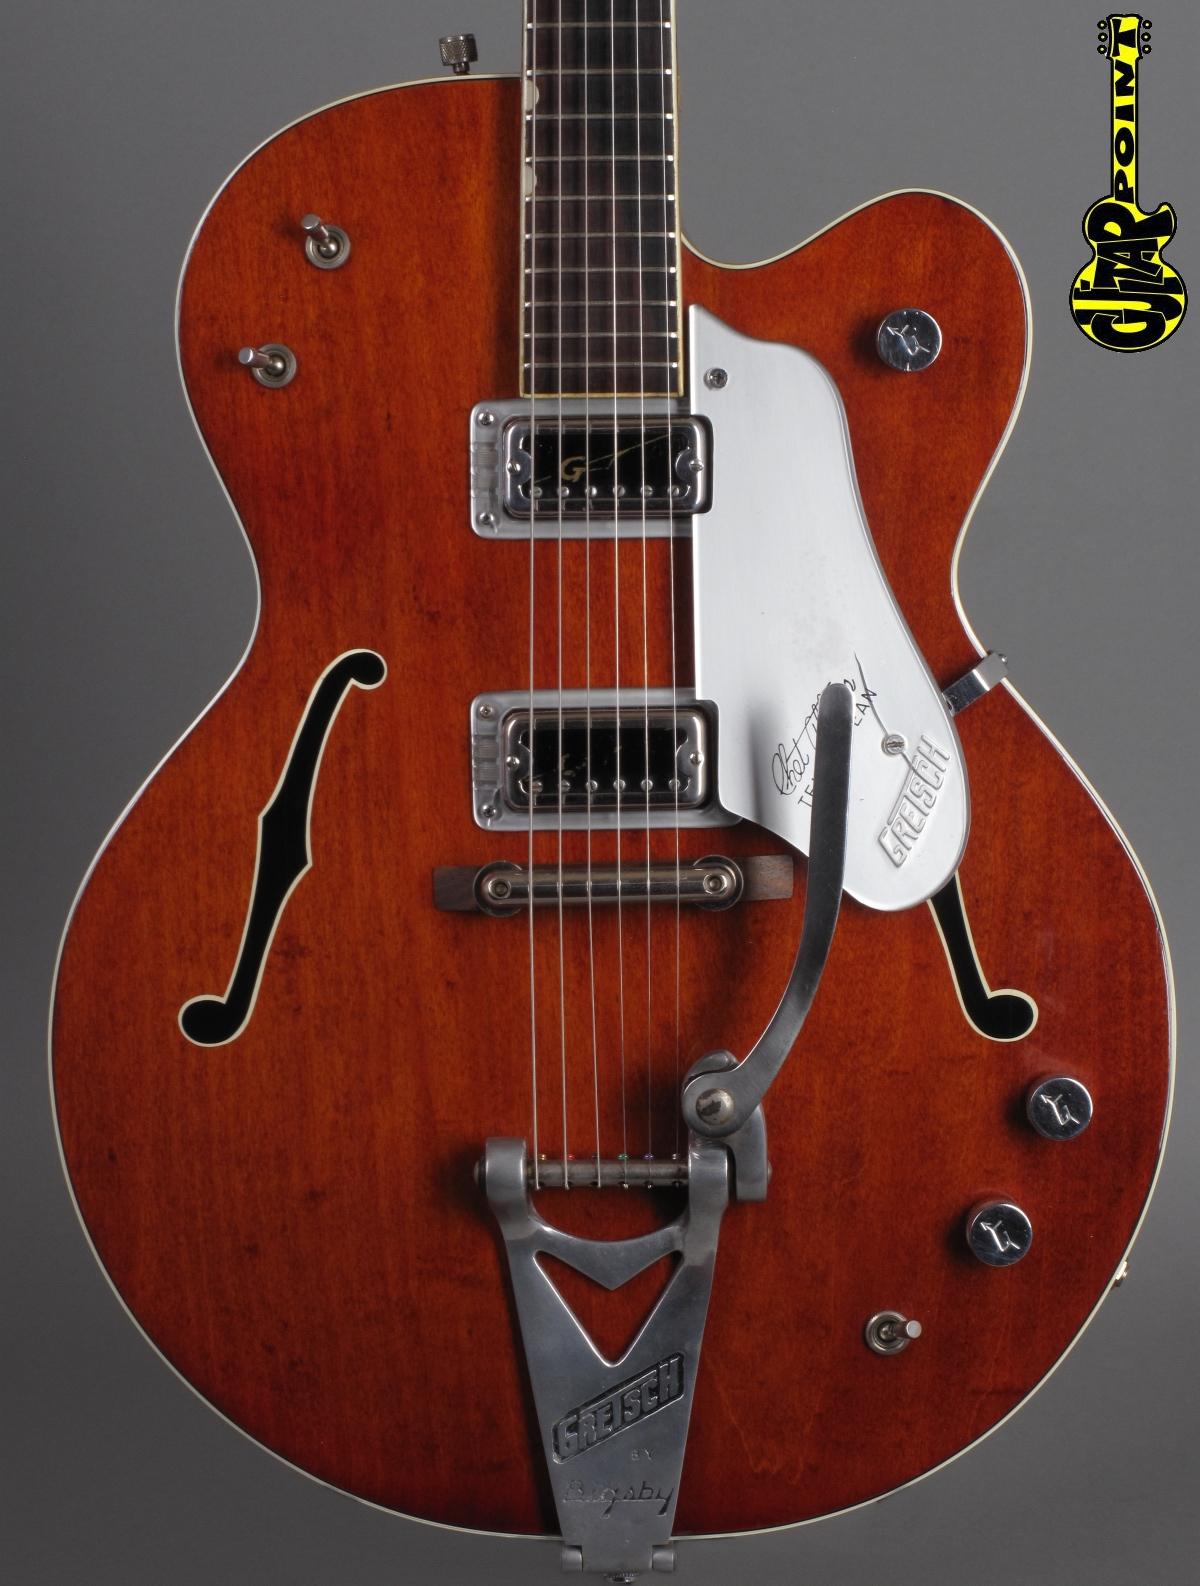 1964 Gretsch 6119 Chet Atkins Tennessean